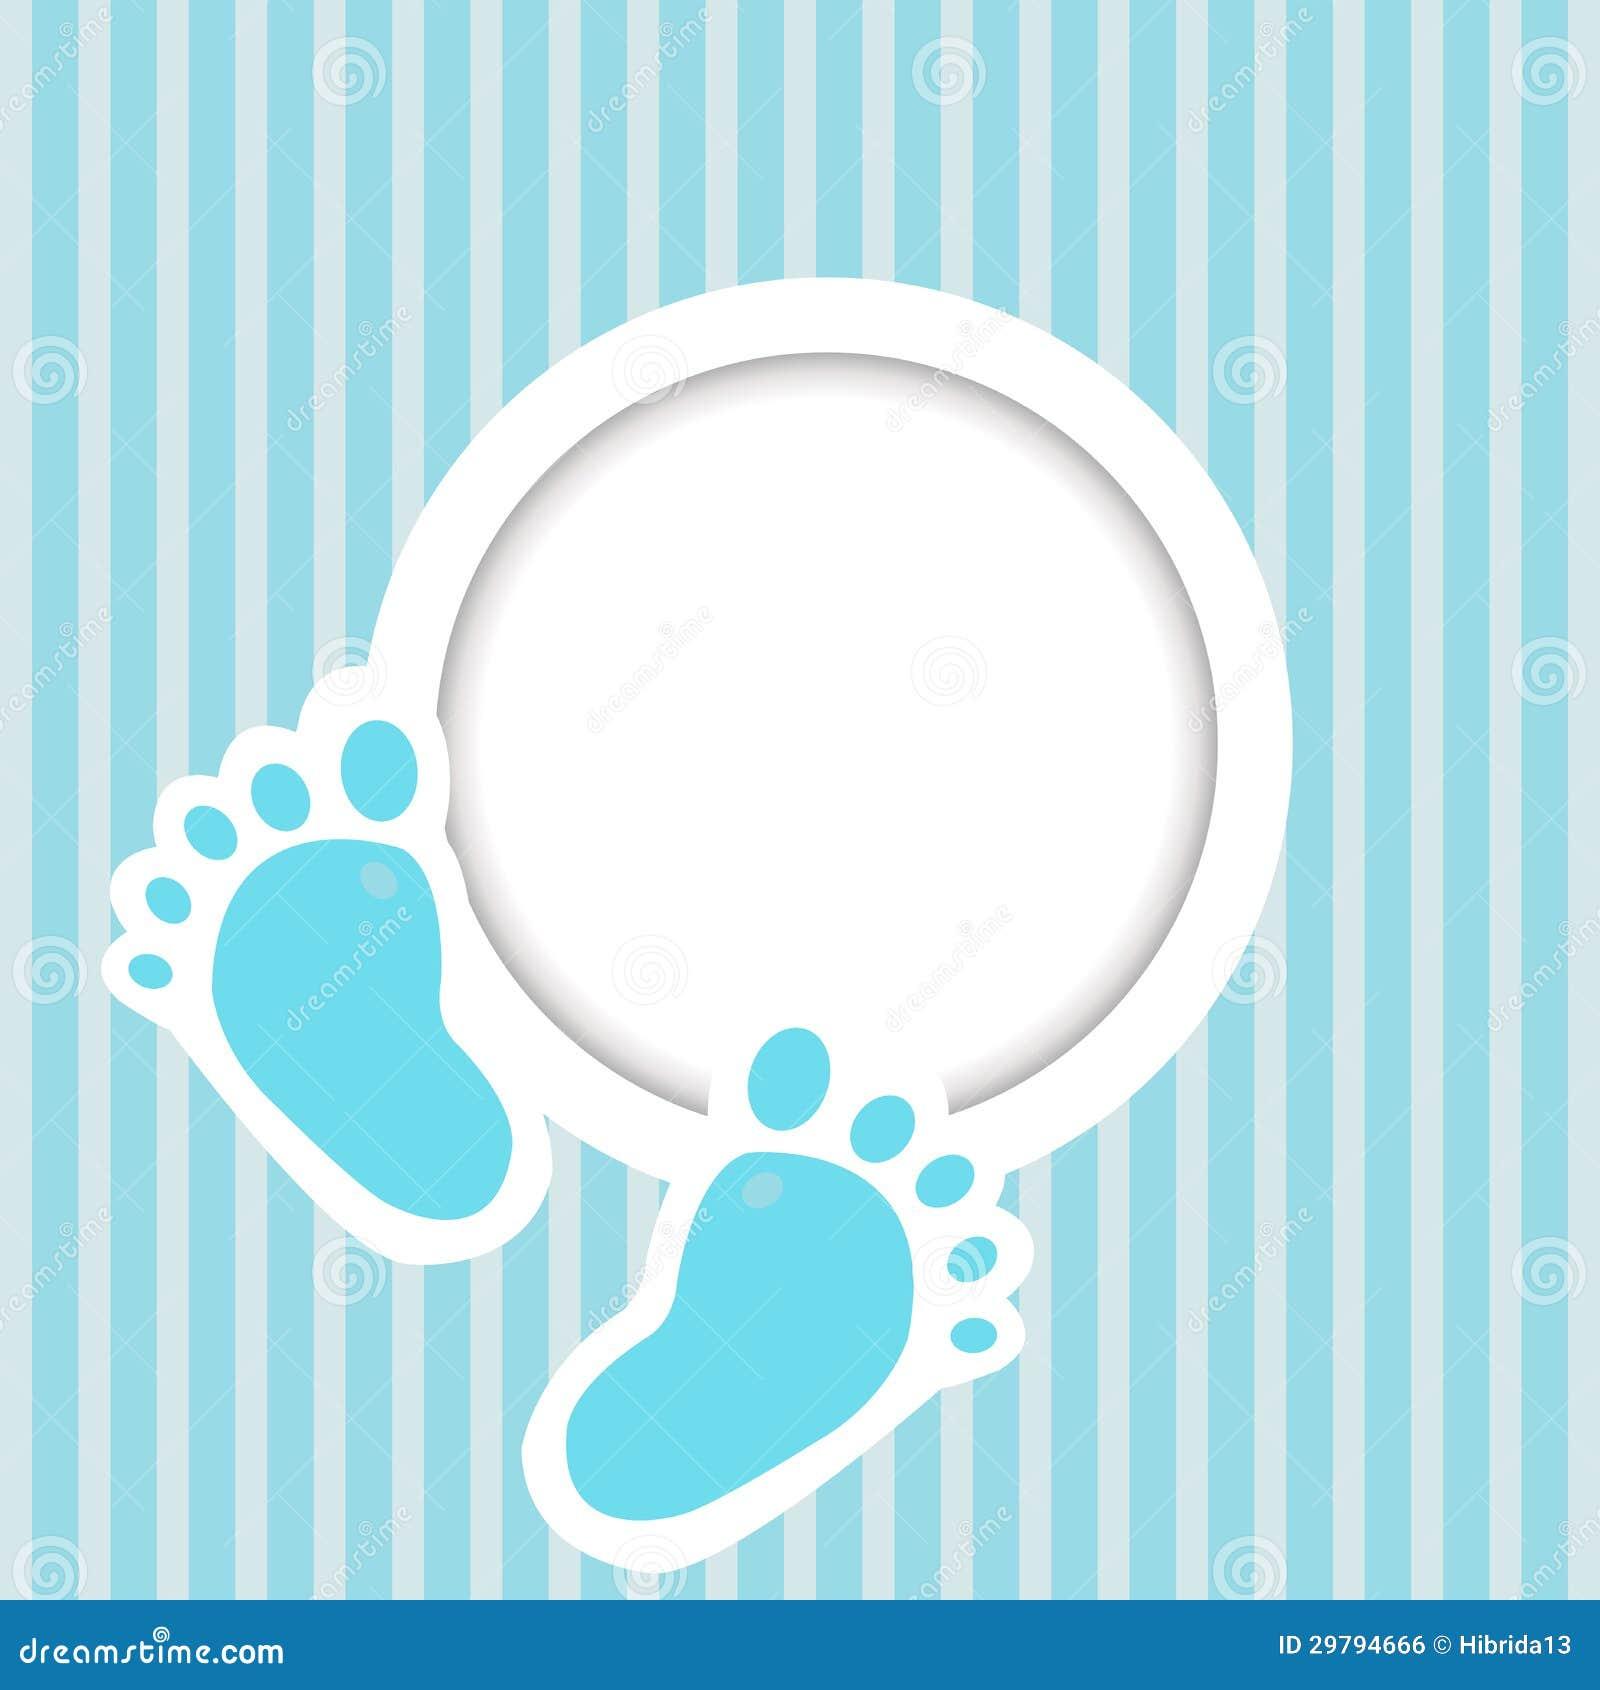 Blauwe kaart met babyvoeten royalty vrije stock afbeelding afbeelding 29794666 - Baby voet verkoop ...